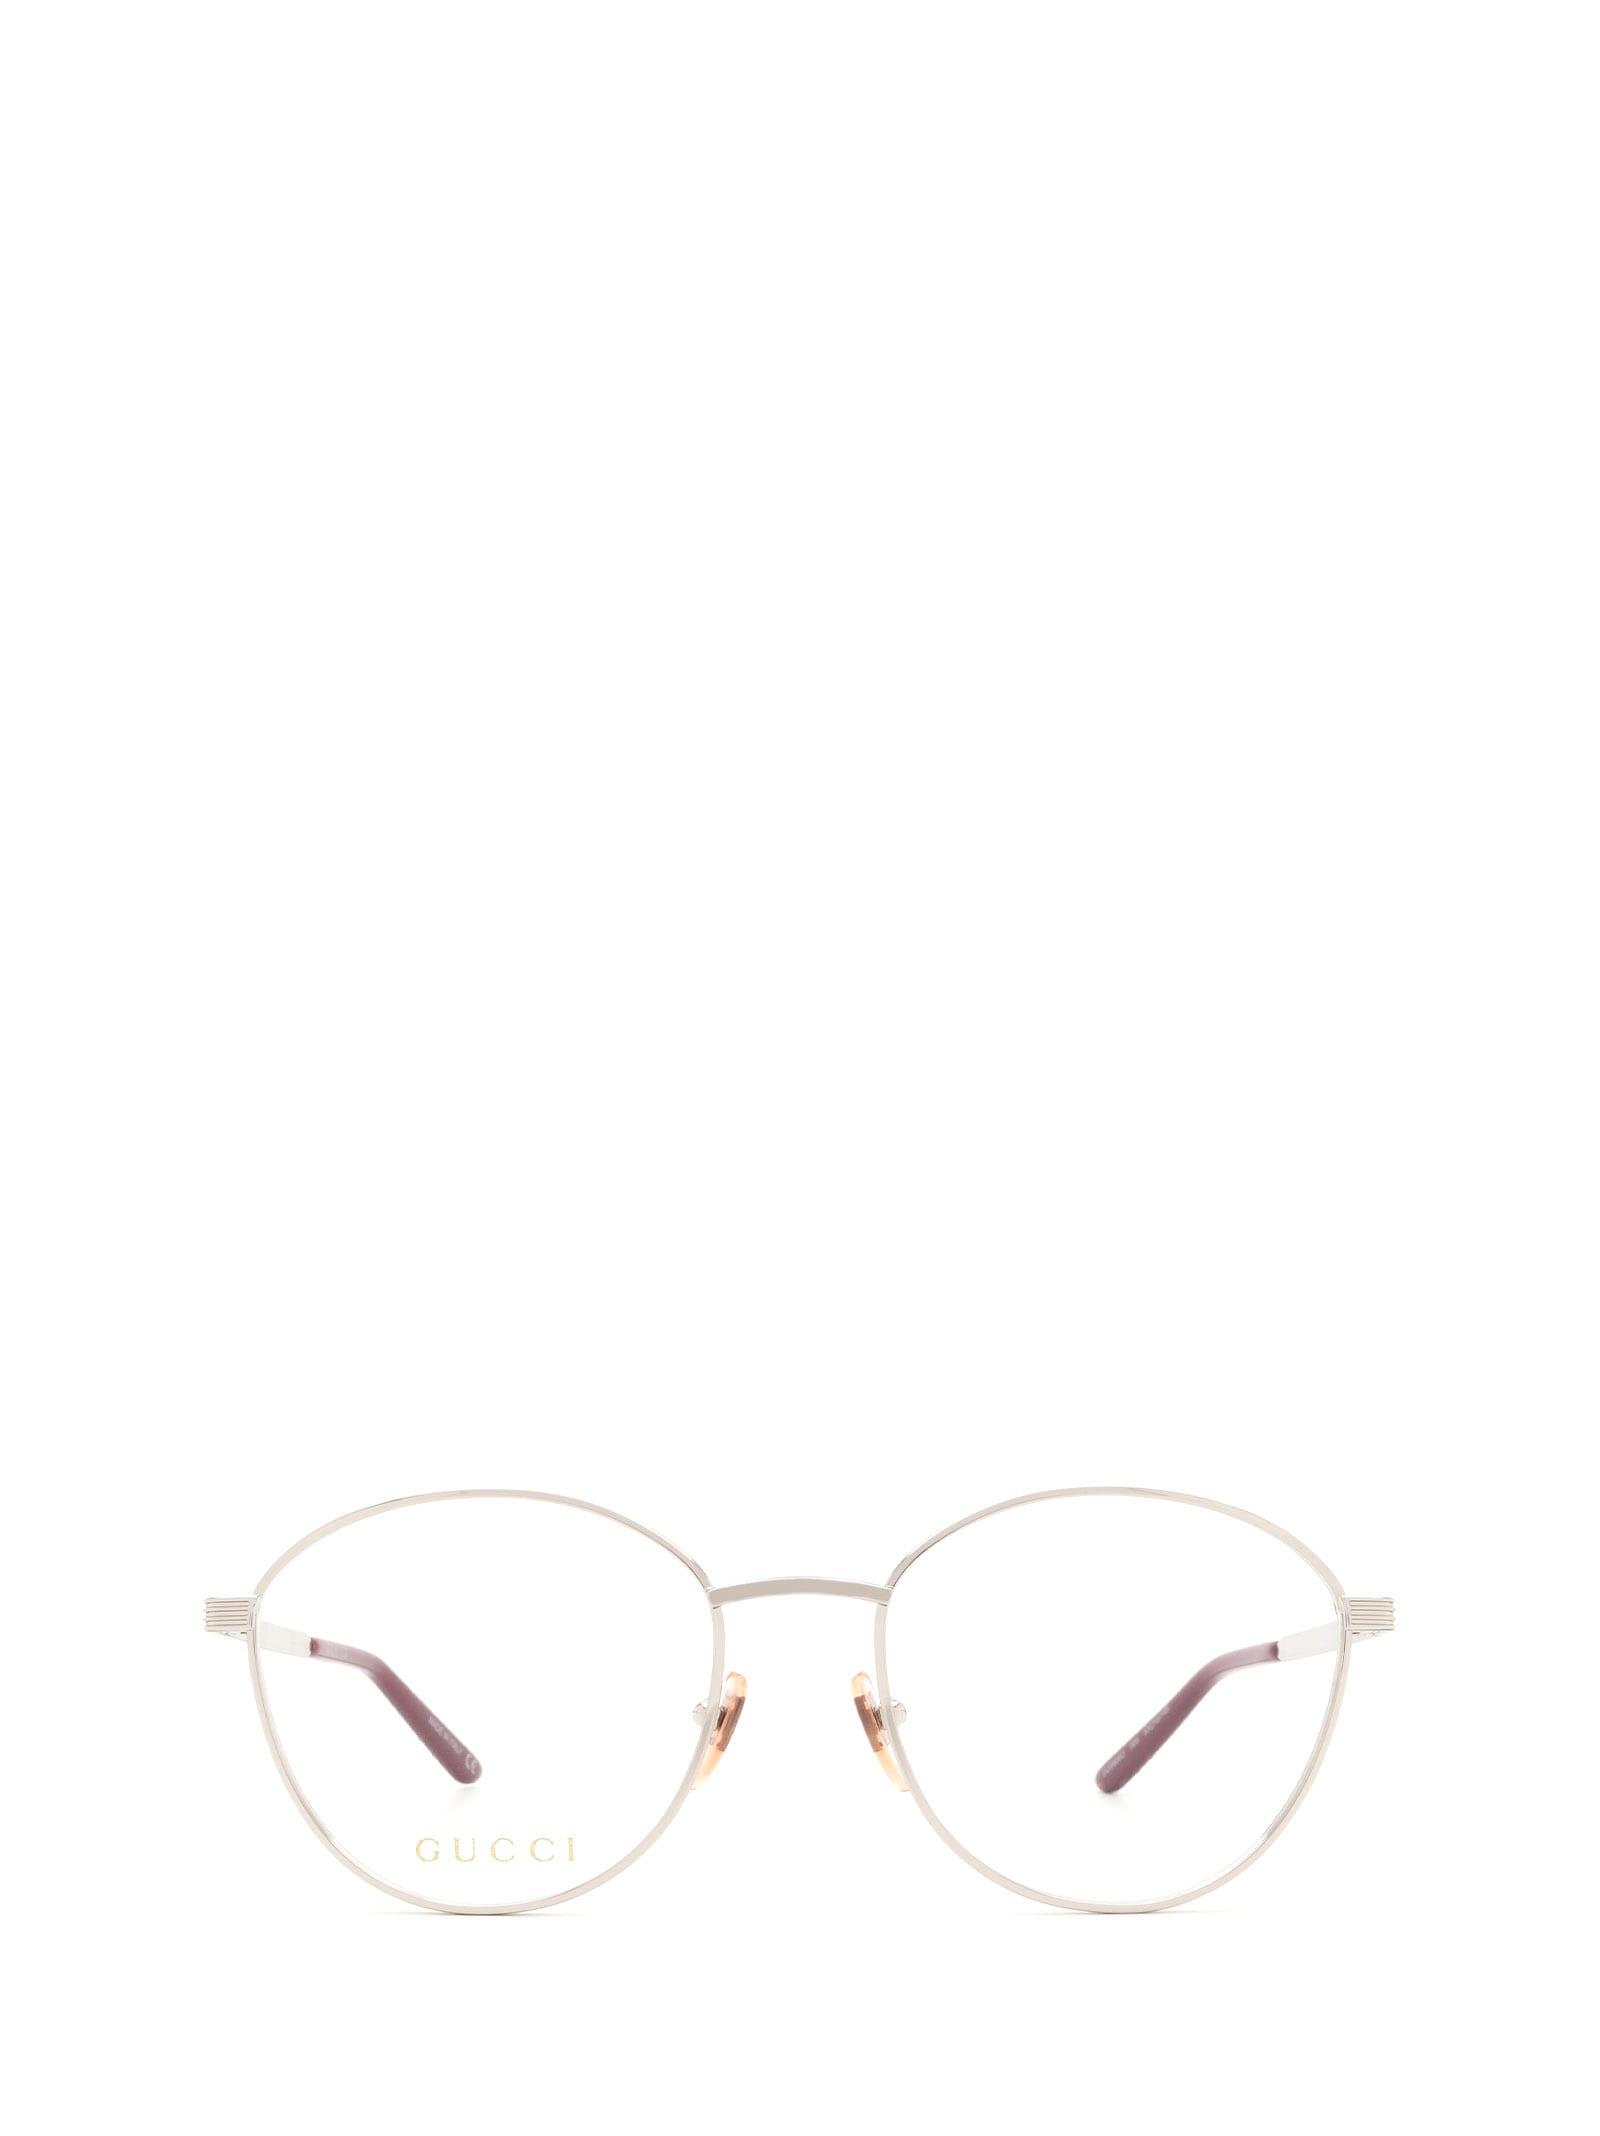 Gucci Opticals GG0806O SILVER GLASSES